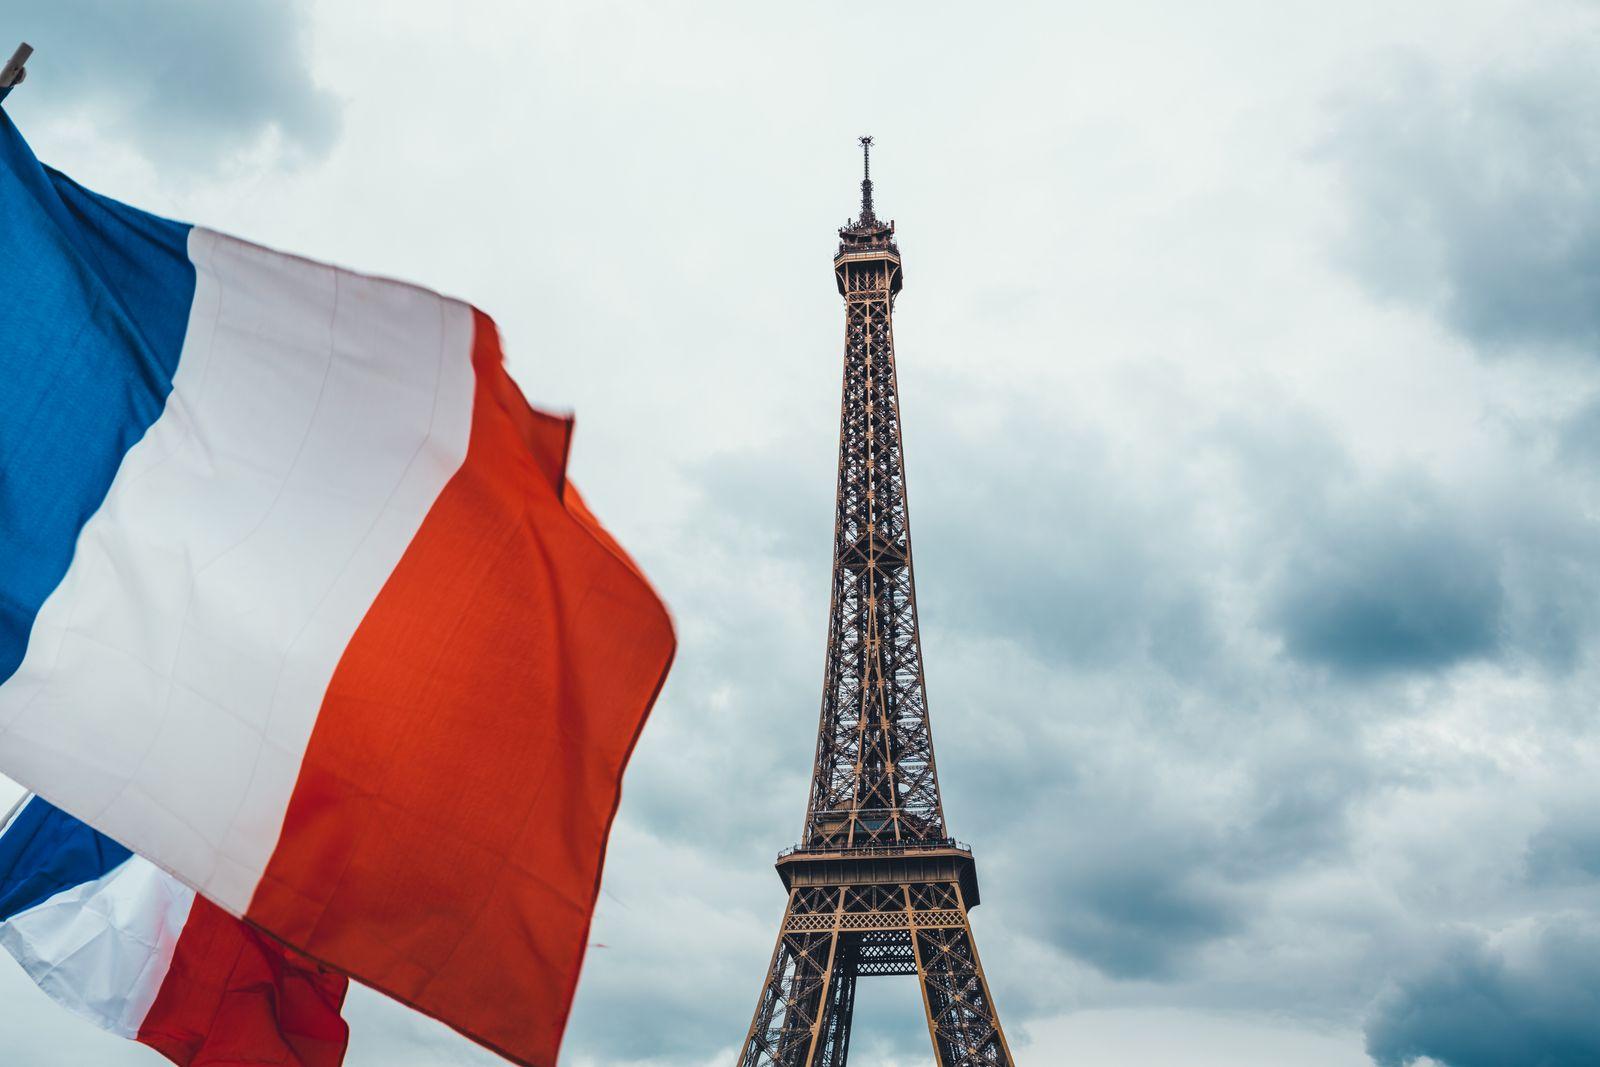 مكافحة الإرهاب في فرنسا ـ إجراءات رادعة و حلول بديلة